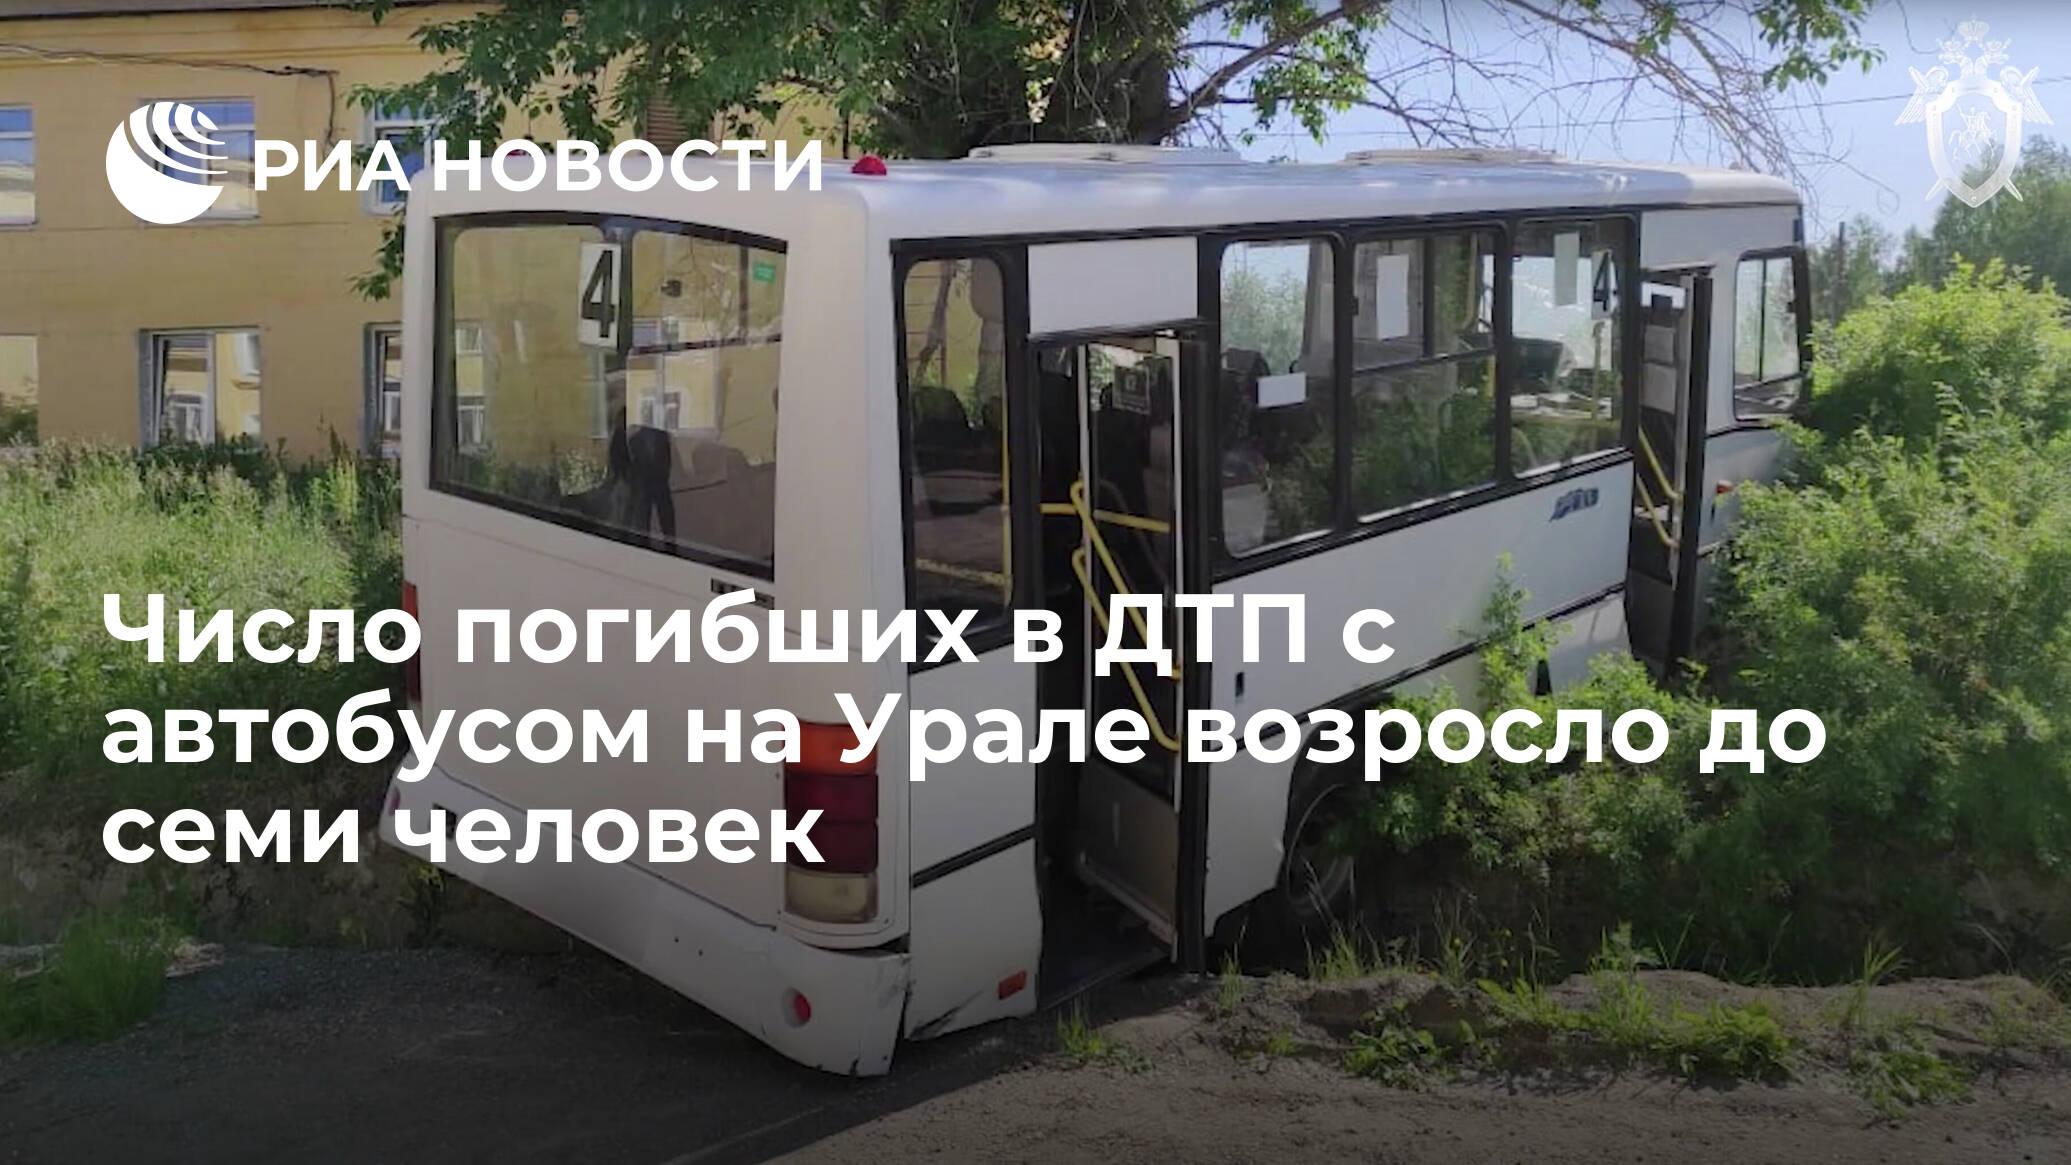 Число погибших в ДТП с автобусом на Урале возросло до семи человек